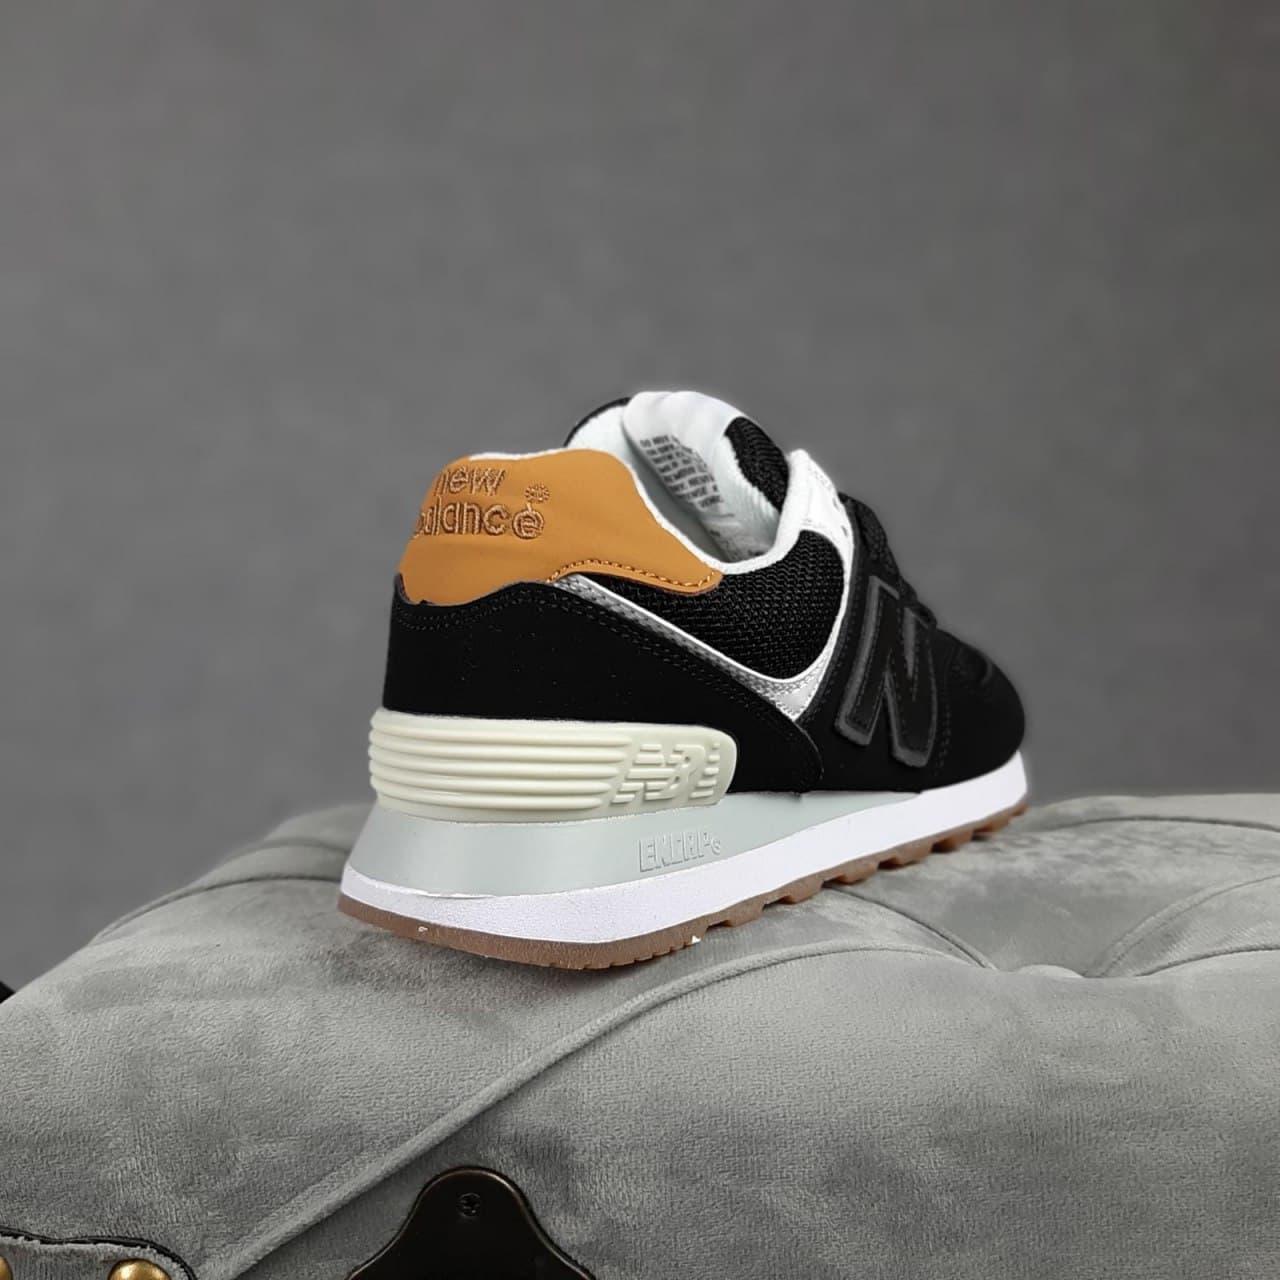 Женские кроссовки Balance 574 Чёрные коричневый задник